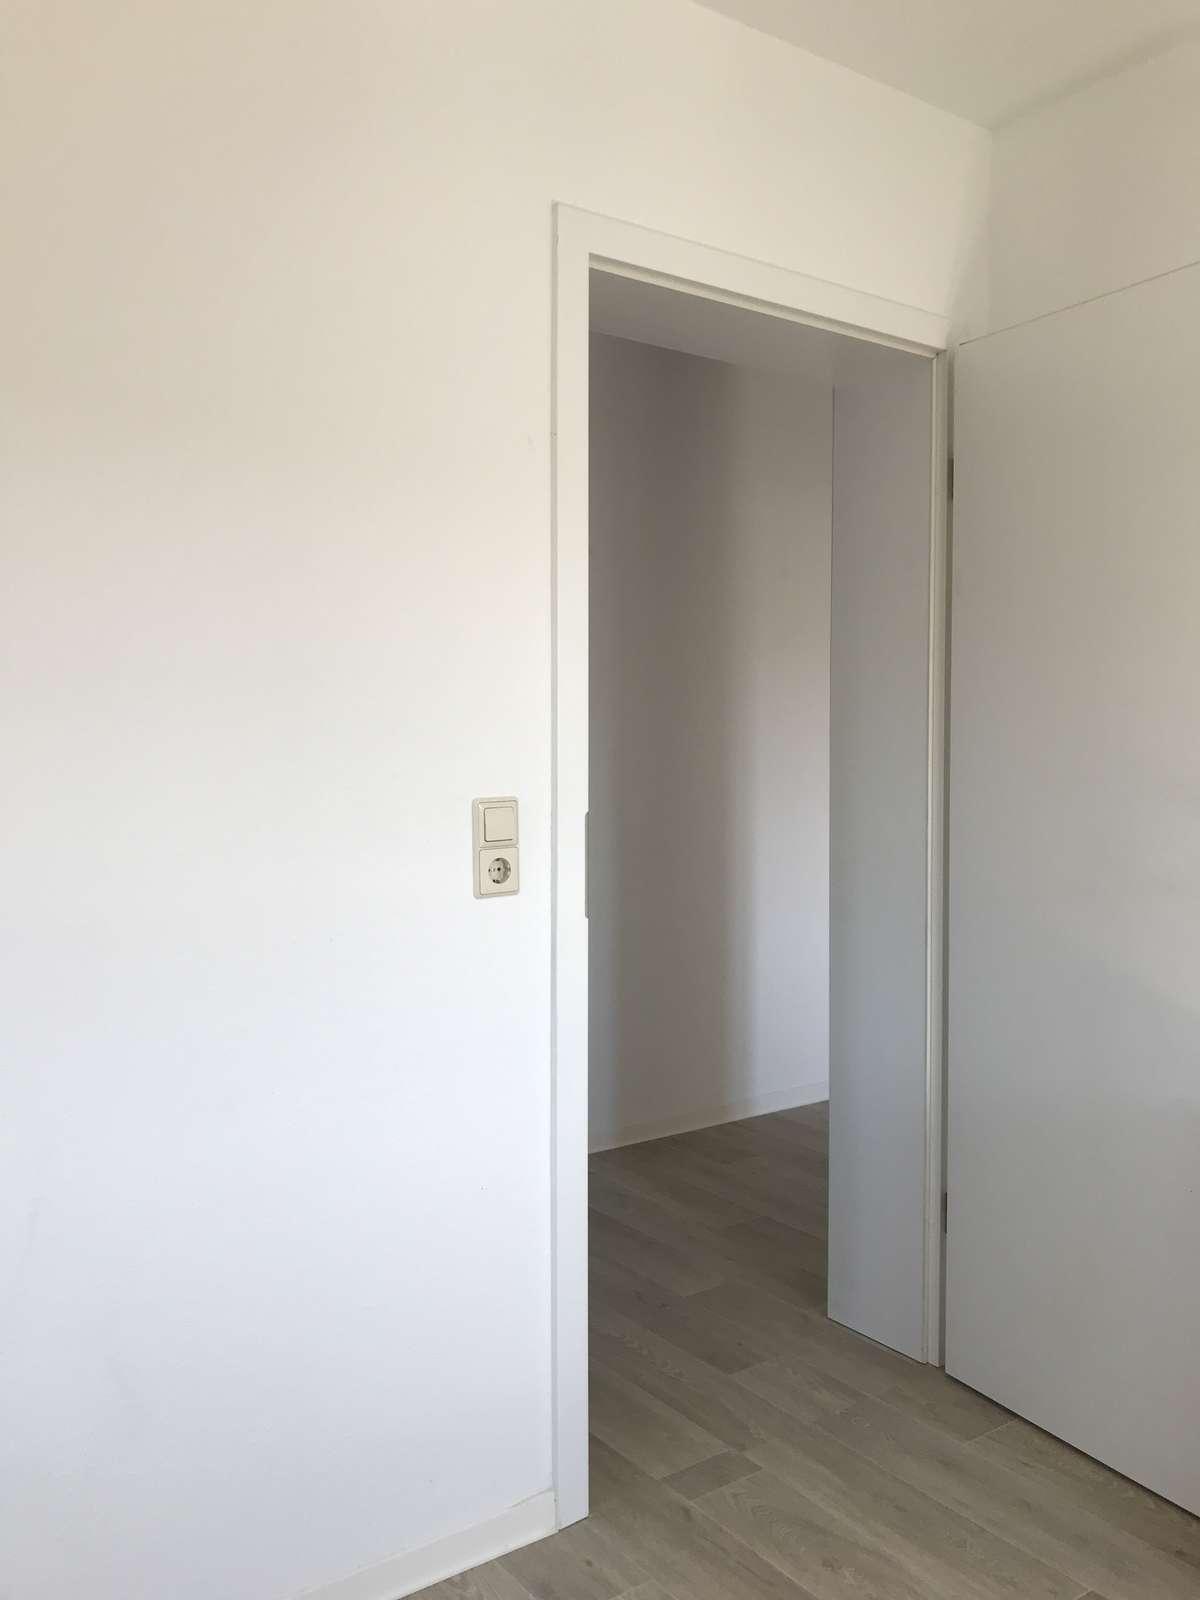 Wohnzimmer-Blick in den Flur